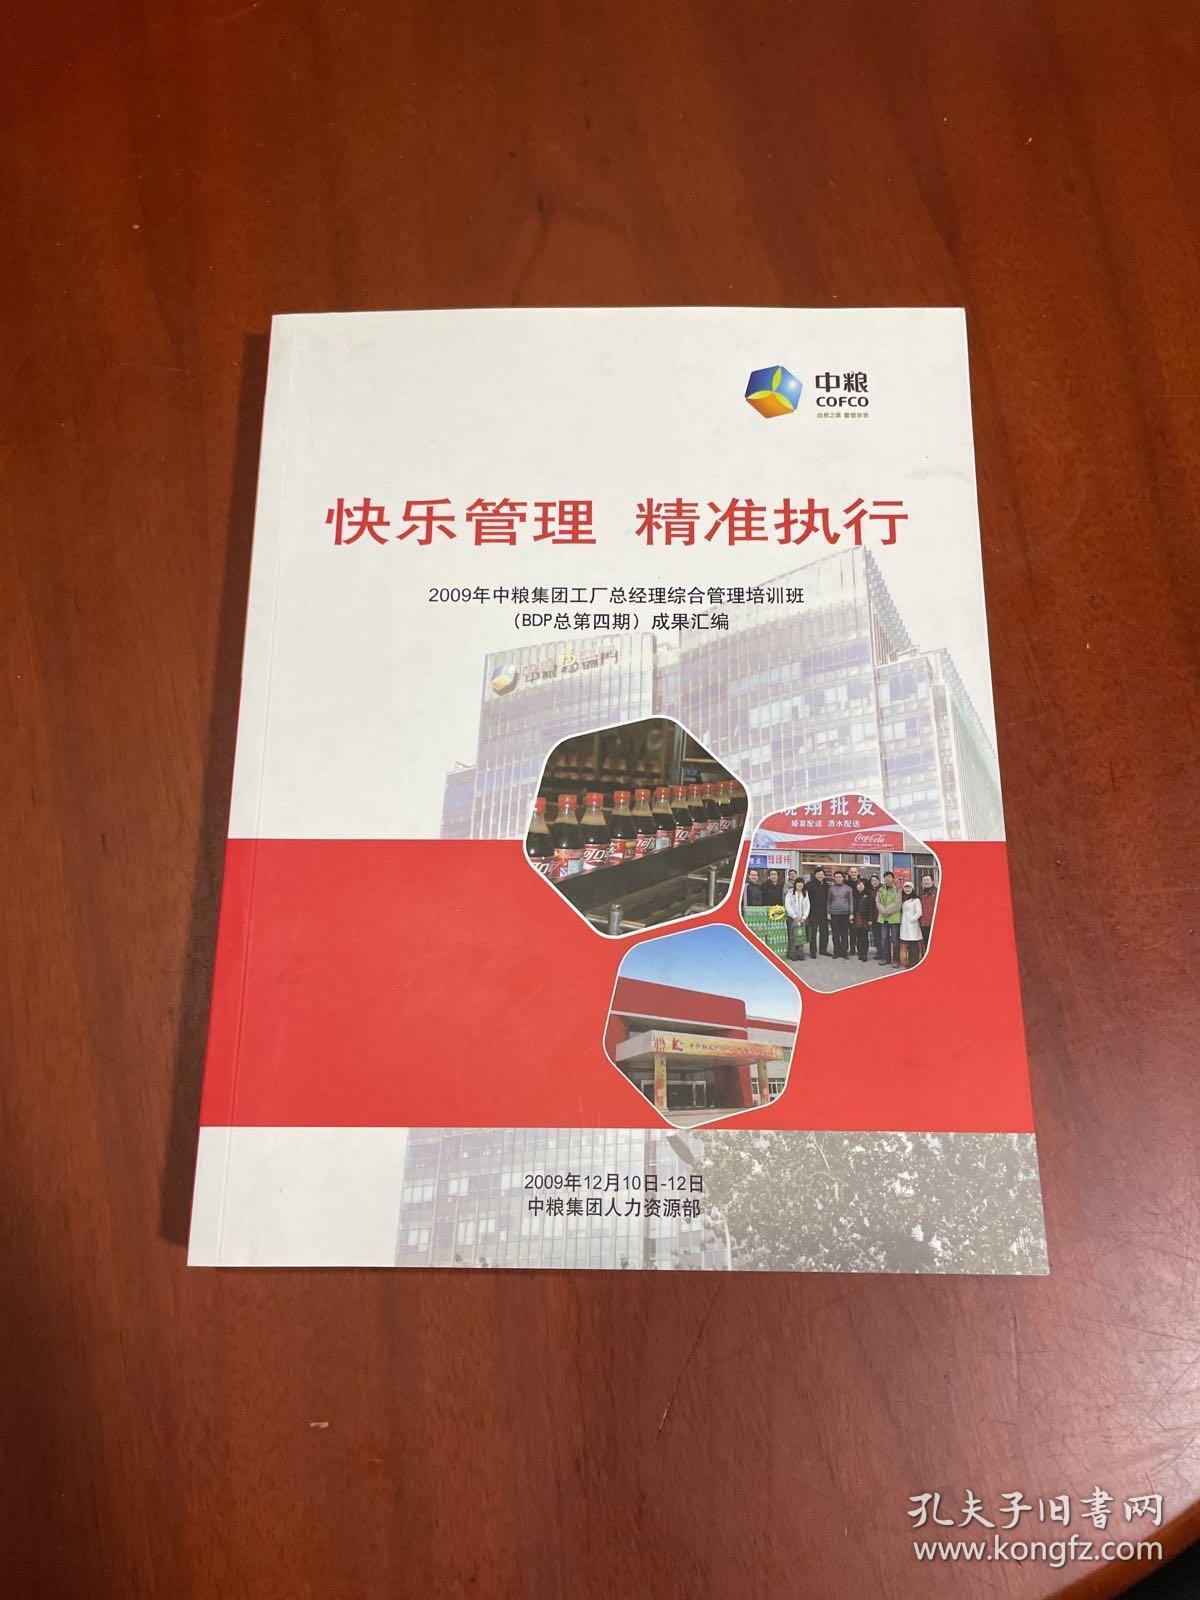 中粮快乐管理精准执行2009年中粮集团工厂总经理综合管理培训班。BDP总第四期 成果汇编